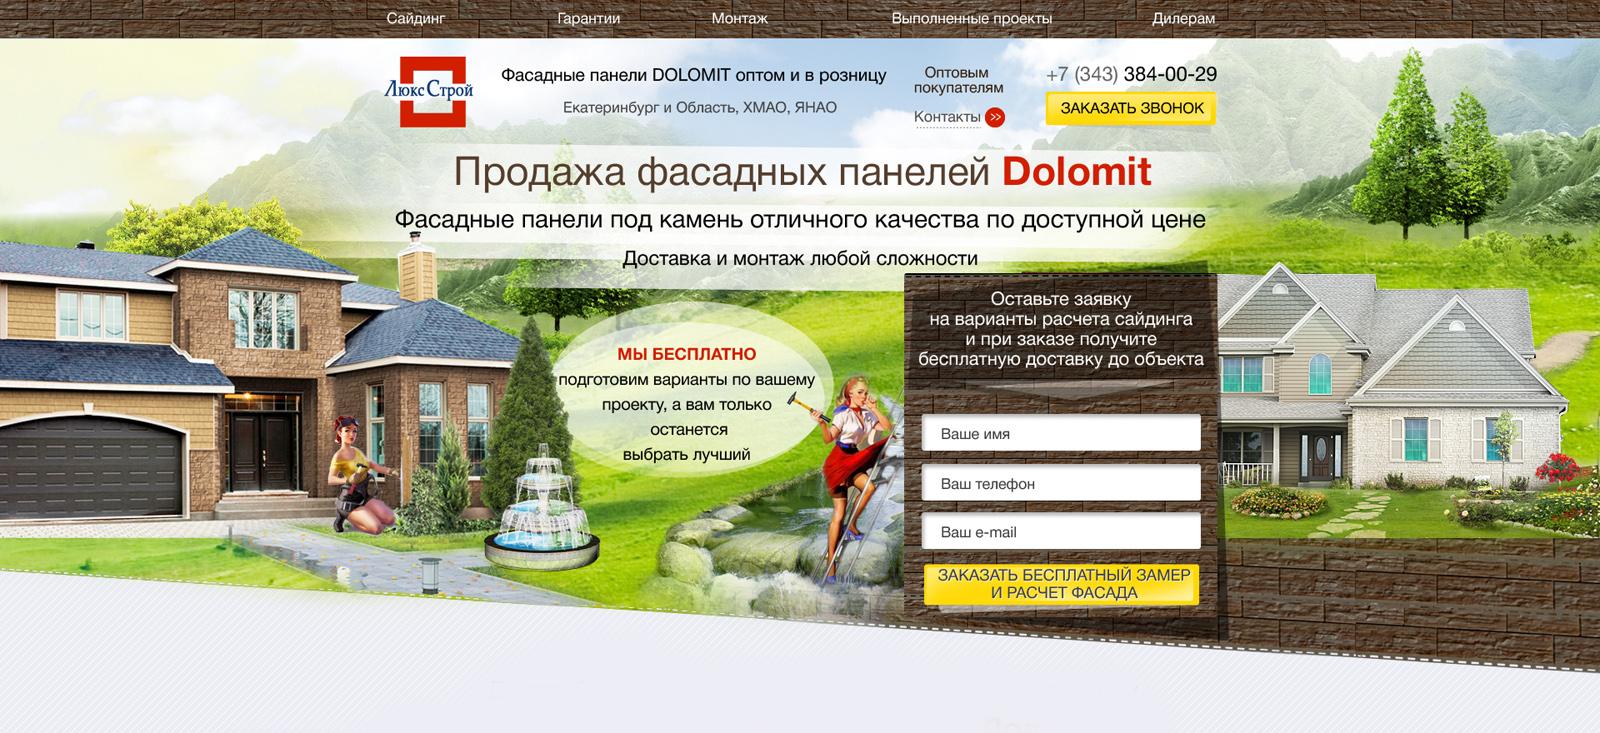 Сайты по фрилансу россия фрилансеры бали